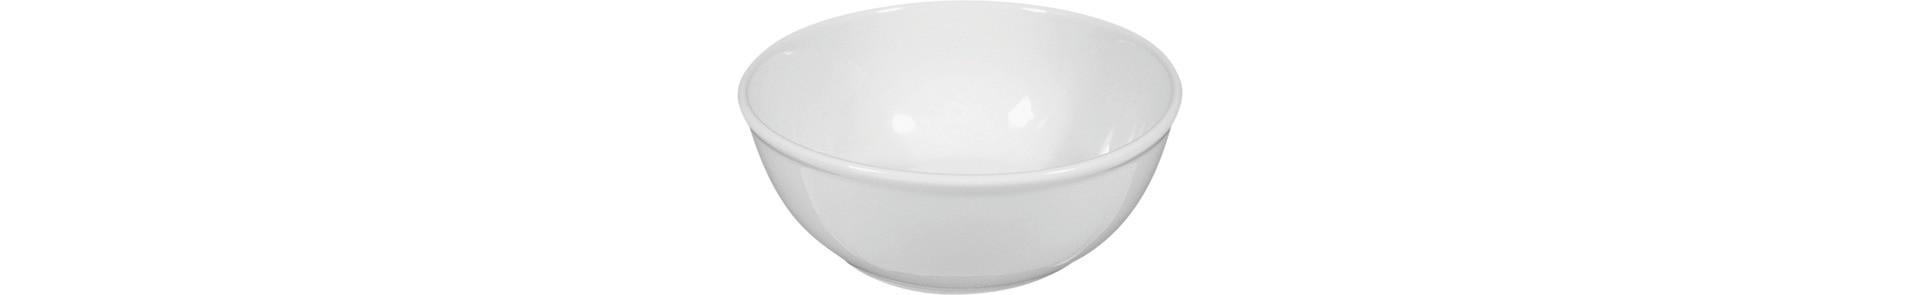 Buffet Gourmet, Salat rund ø 145 mm / 0,50 l